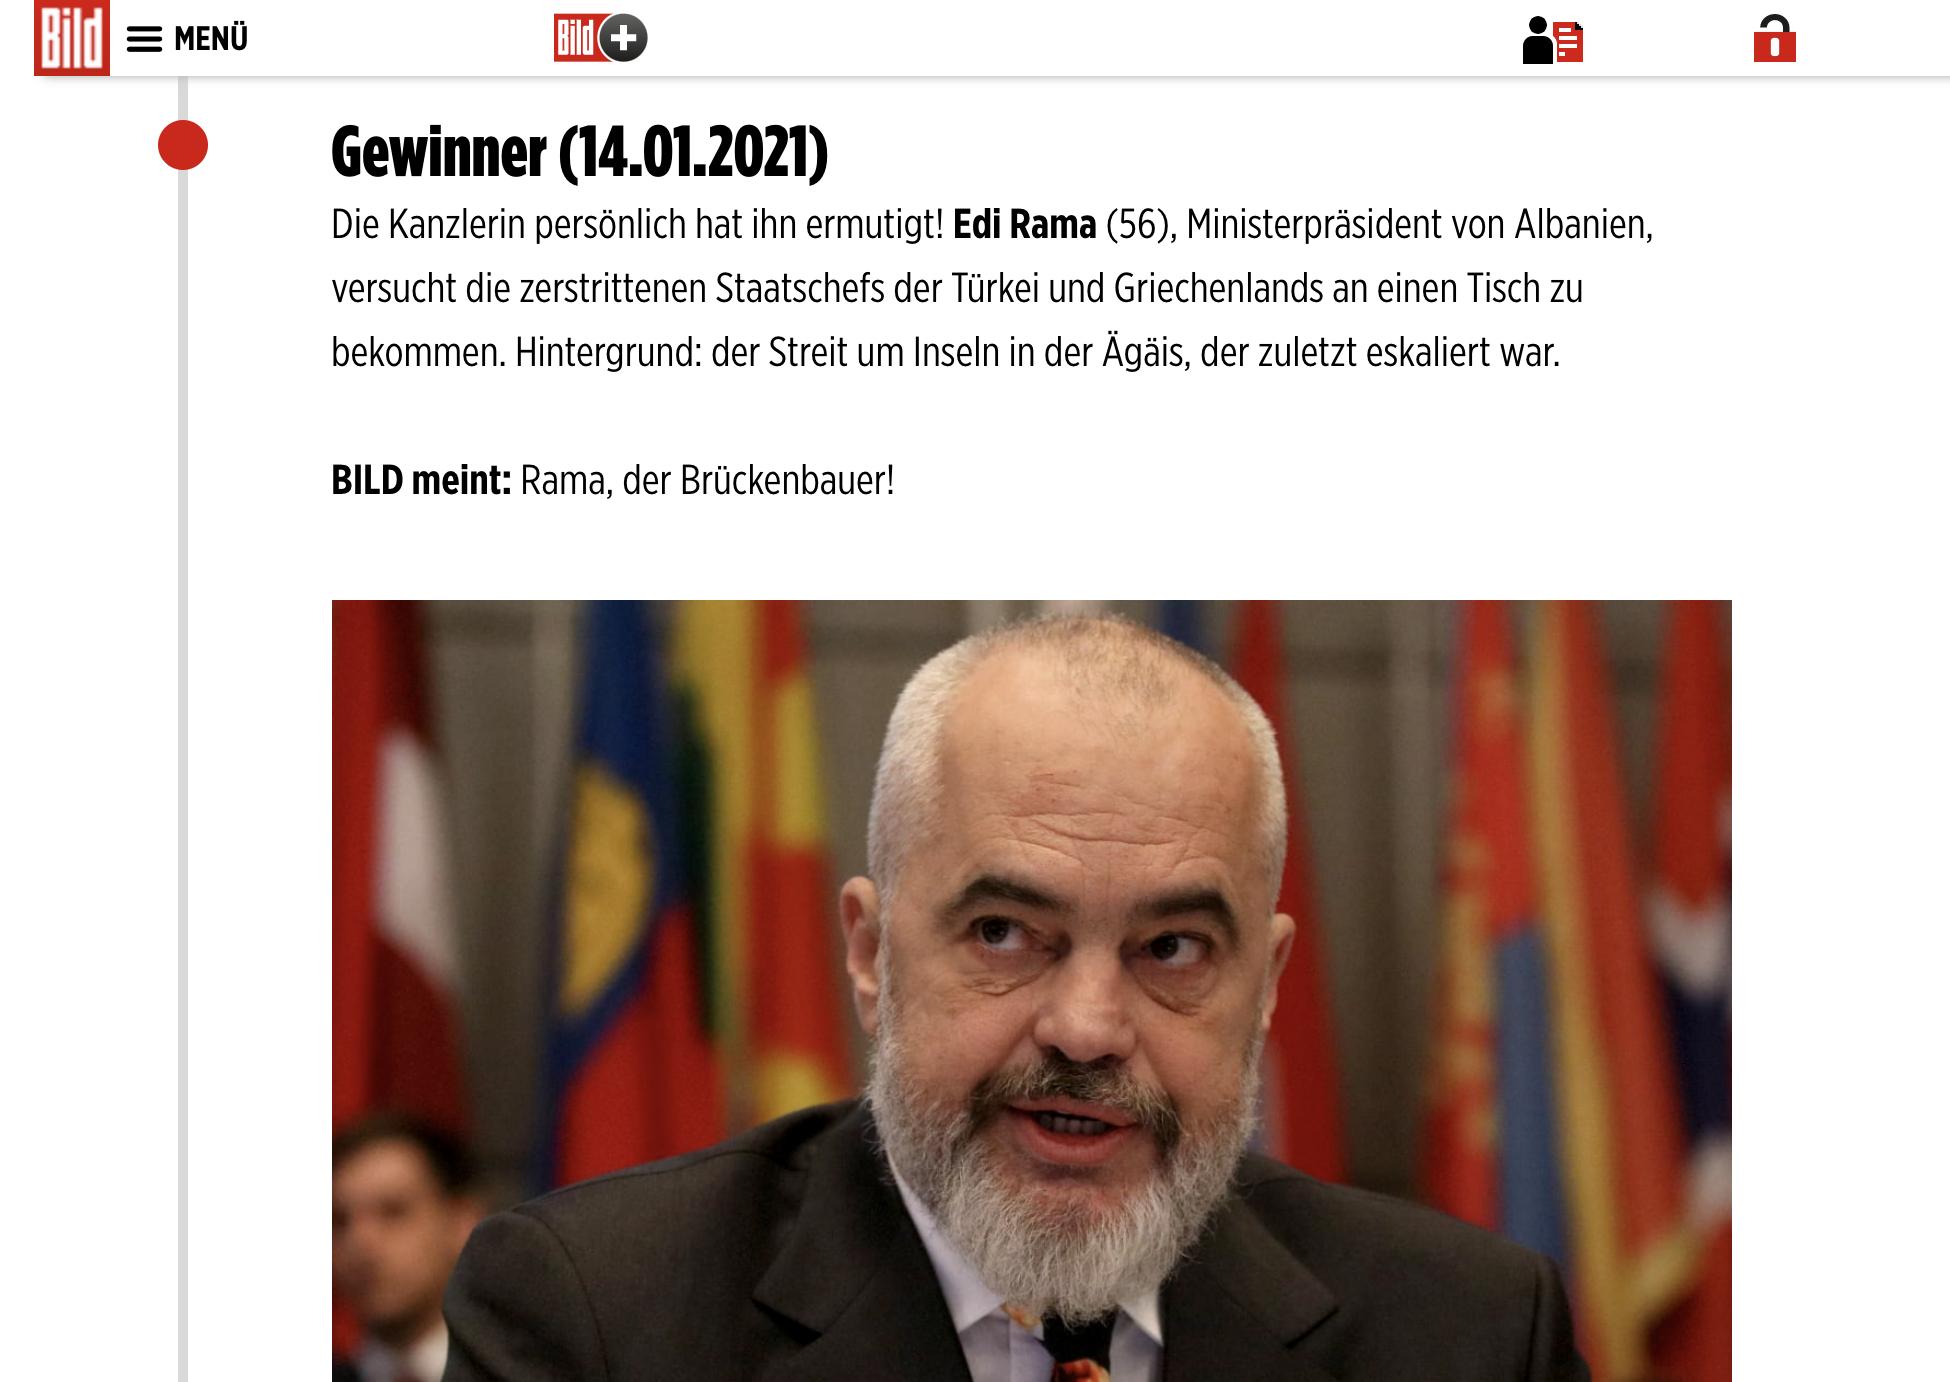 Αλβανία: Γεφυροποιό χαρακτηρίζει η Bild τον Rama στον ελληνοτουρκικό διάλογο